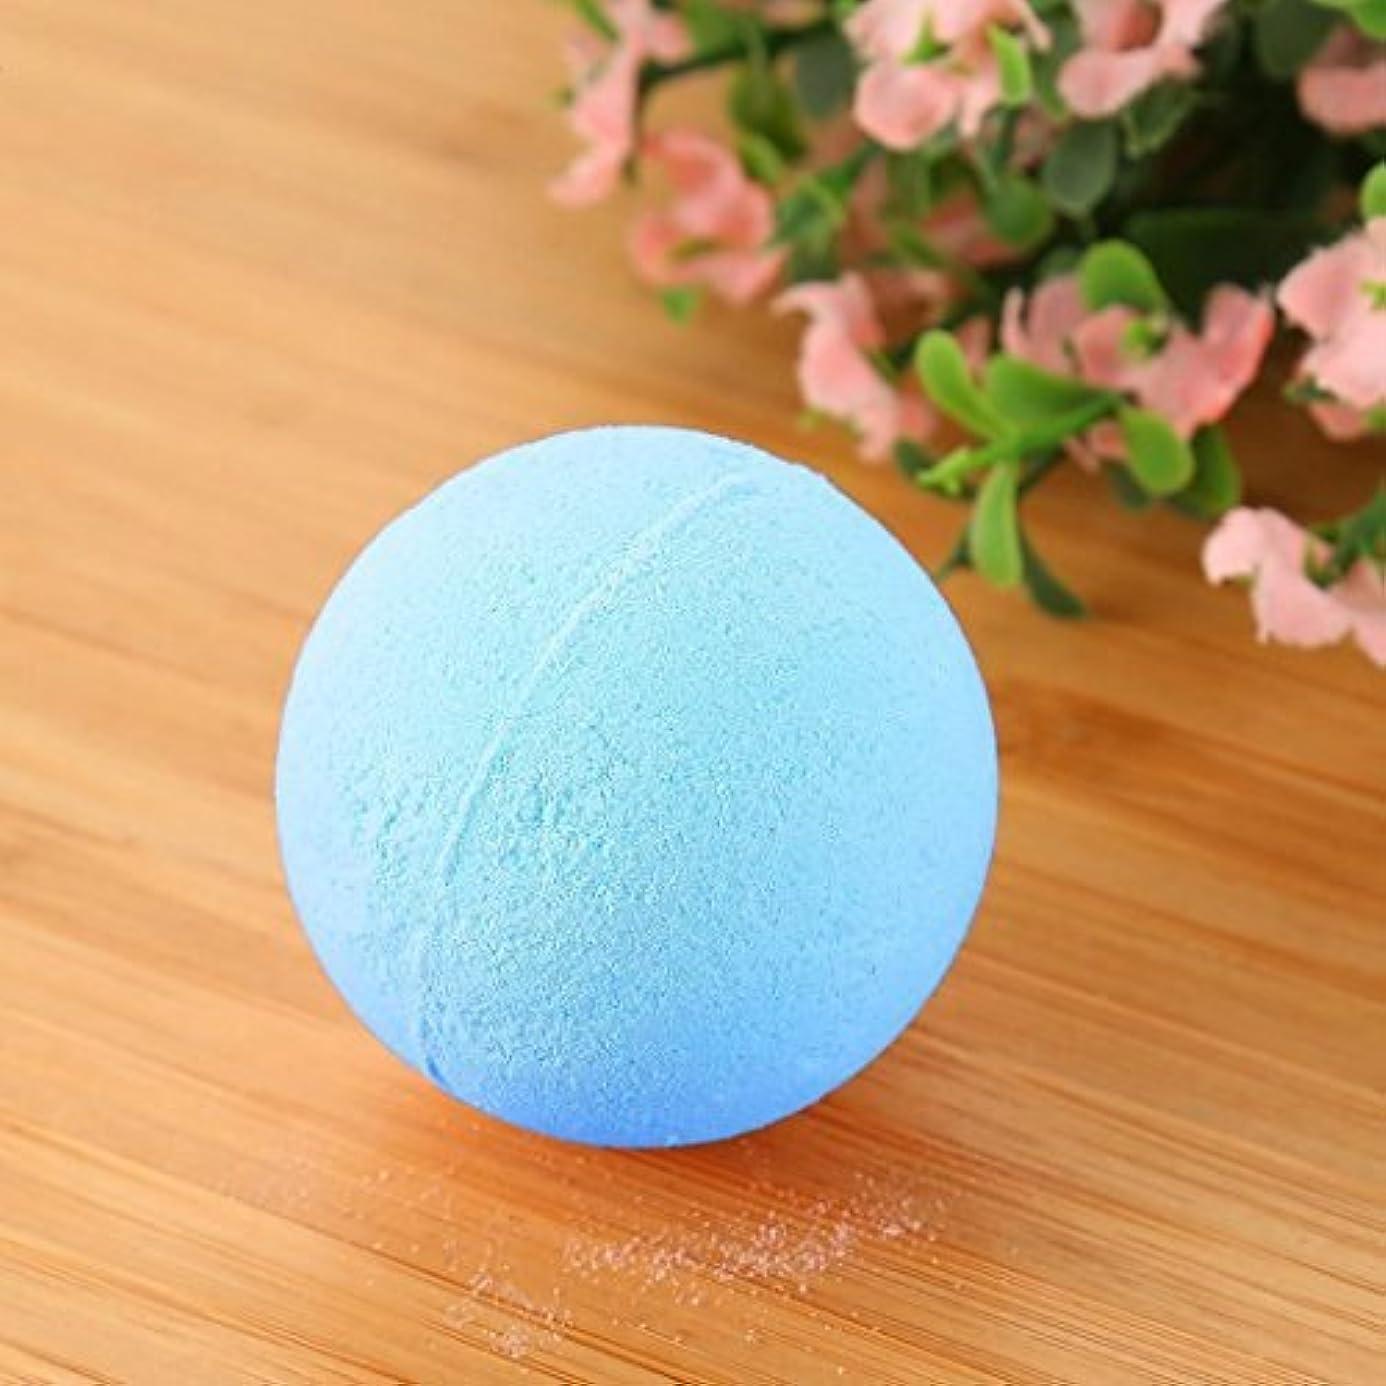 生態学見ました精度バブル塩風呂の贈り物のためにボールをリラックスした女性の塩